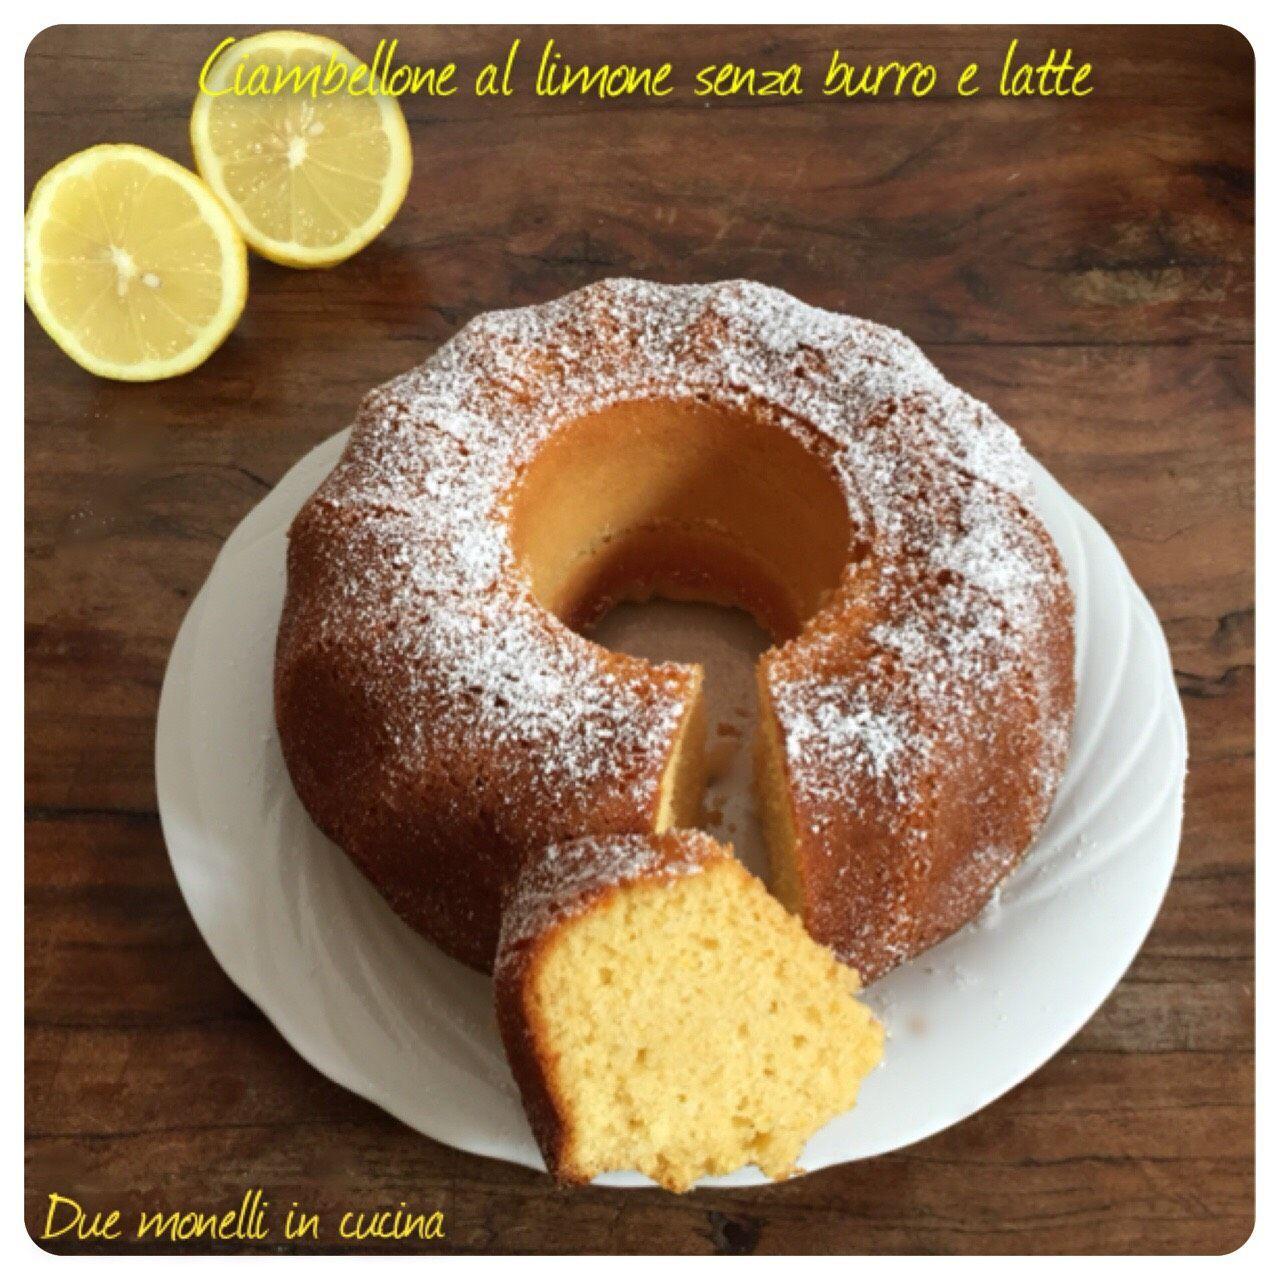 Ciambellone Senza Burro E Latte.Ciambellone Al Limone Senza Burro E Latte The Kitchen